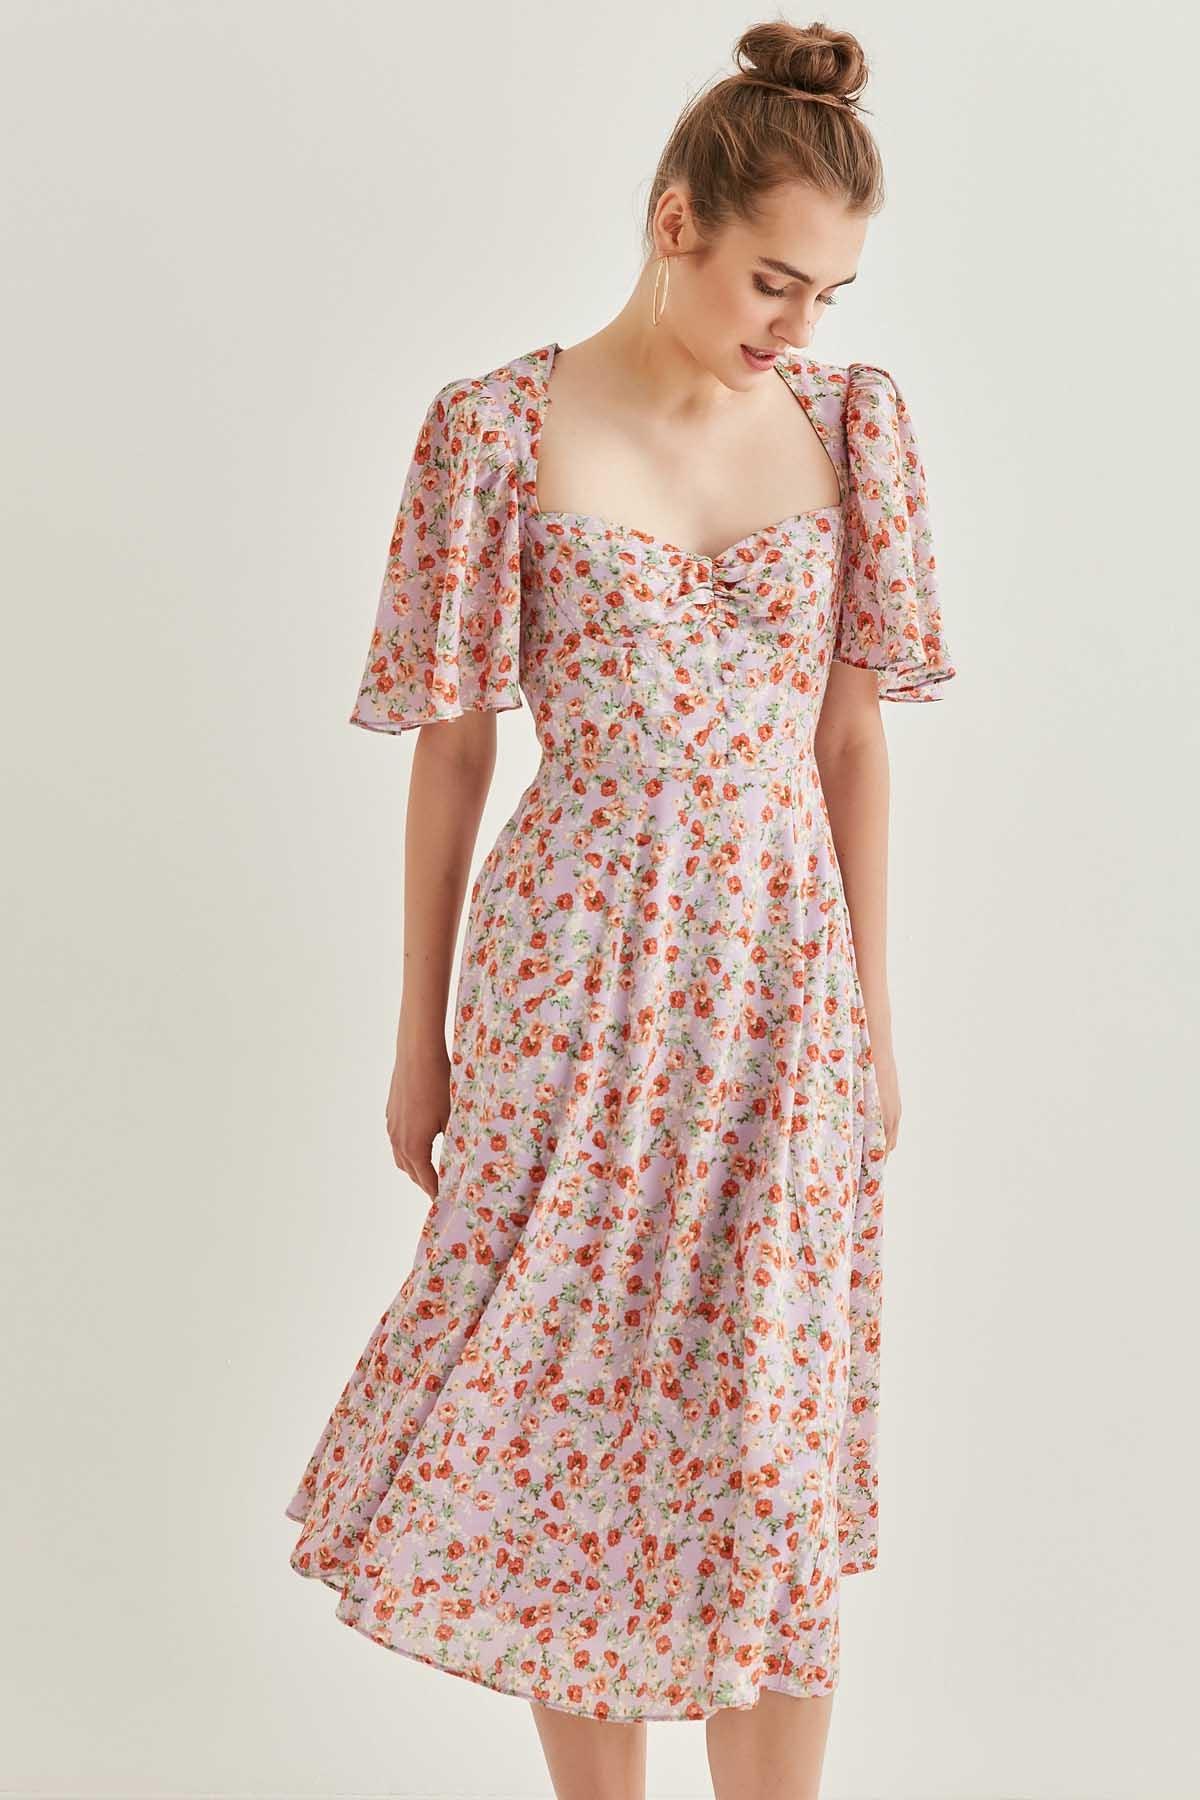 Çıtır Çiçek Desenli Volan Kol Detaylı Midi Elbise - Thumbnail